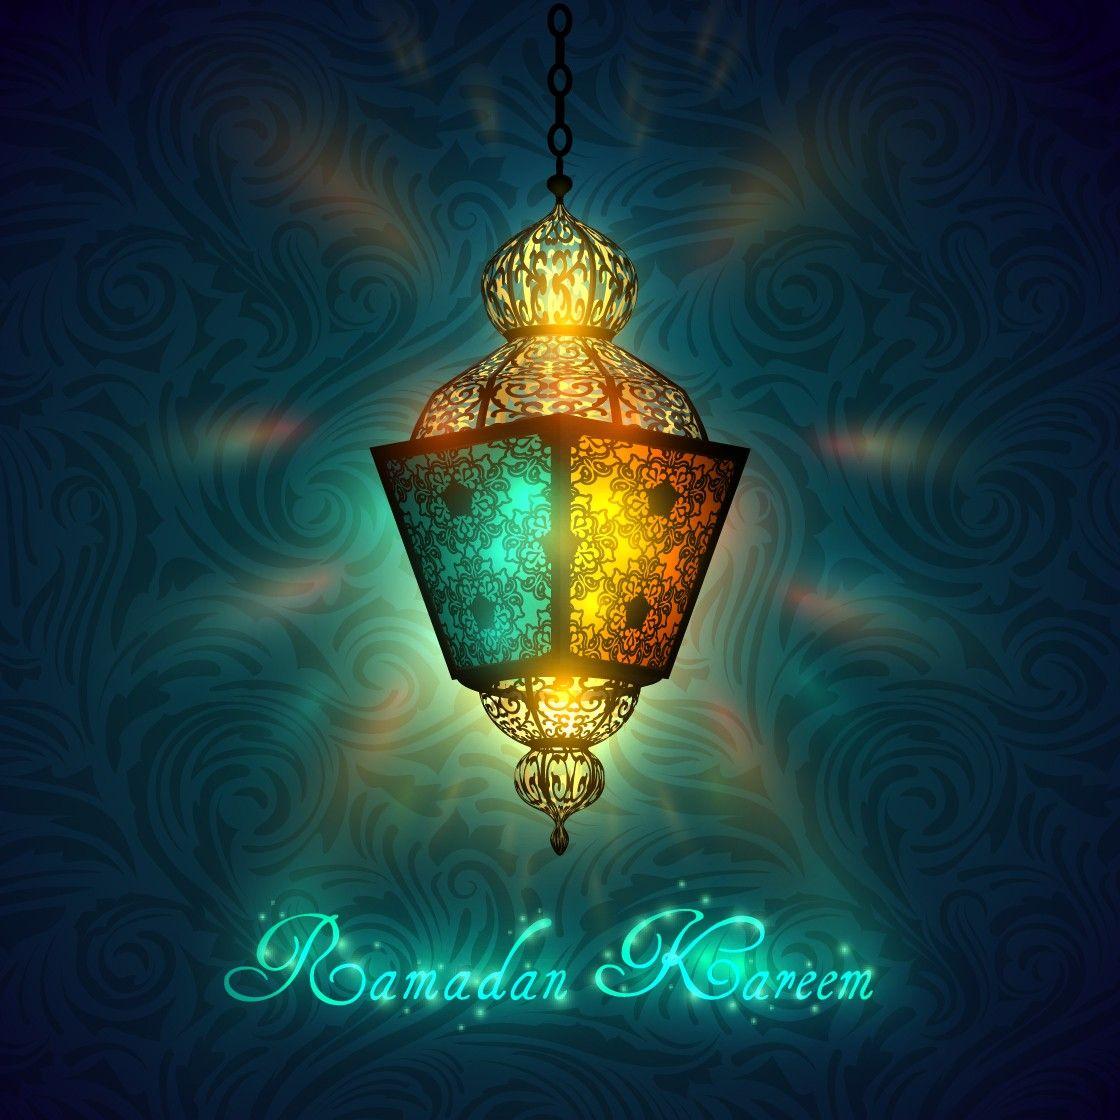 Ramadan mubarak hd wallpapers 4 ramadan kareem pinterest blessings kristyandbryce Choice Image